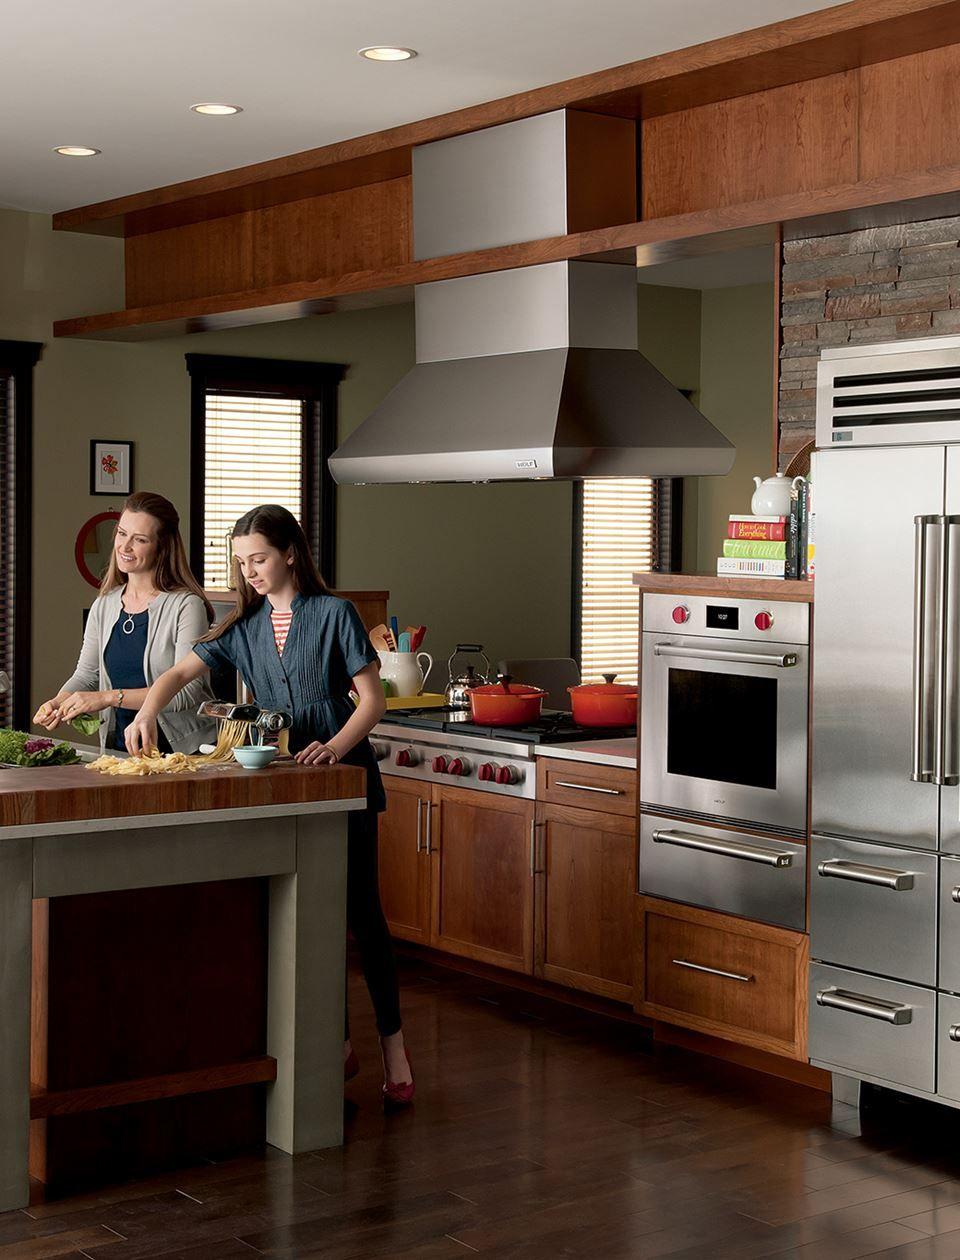 Range Hood Kitchen Ventilation Kitchen Ventilation Kitchen Design Kitchen